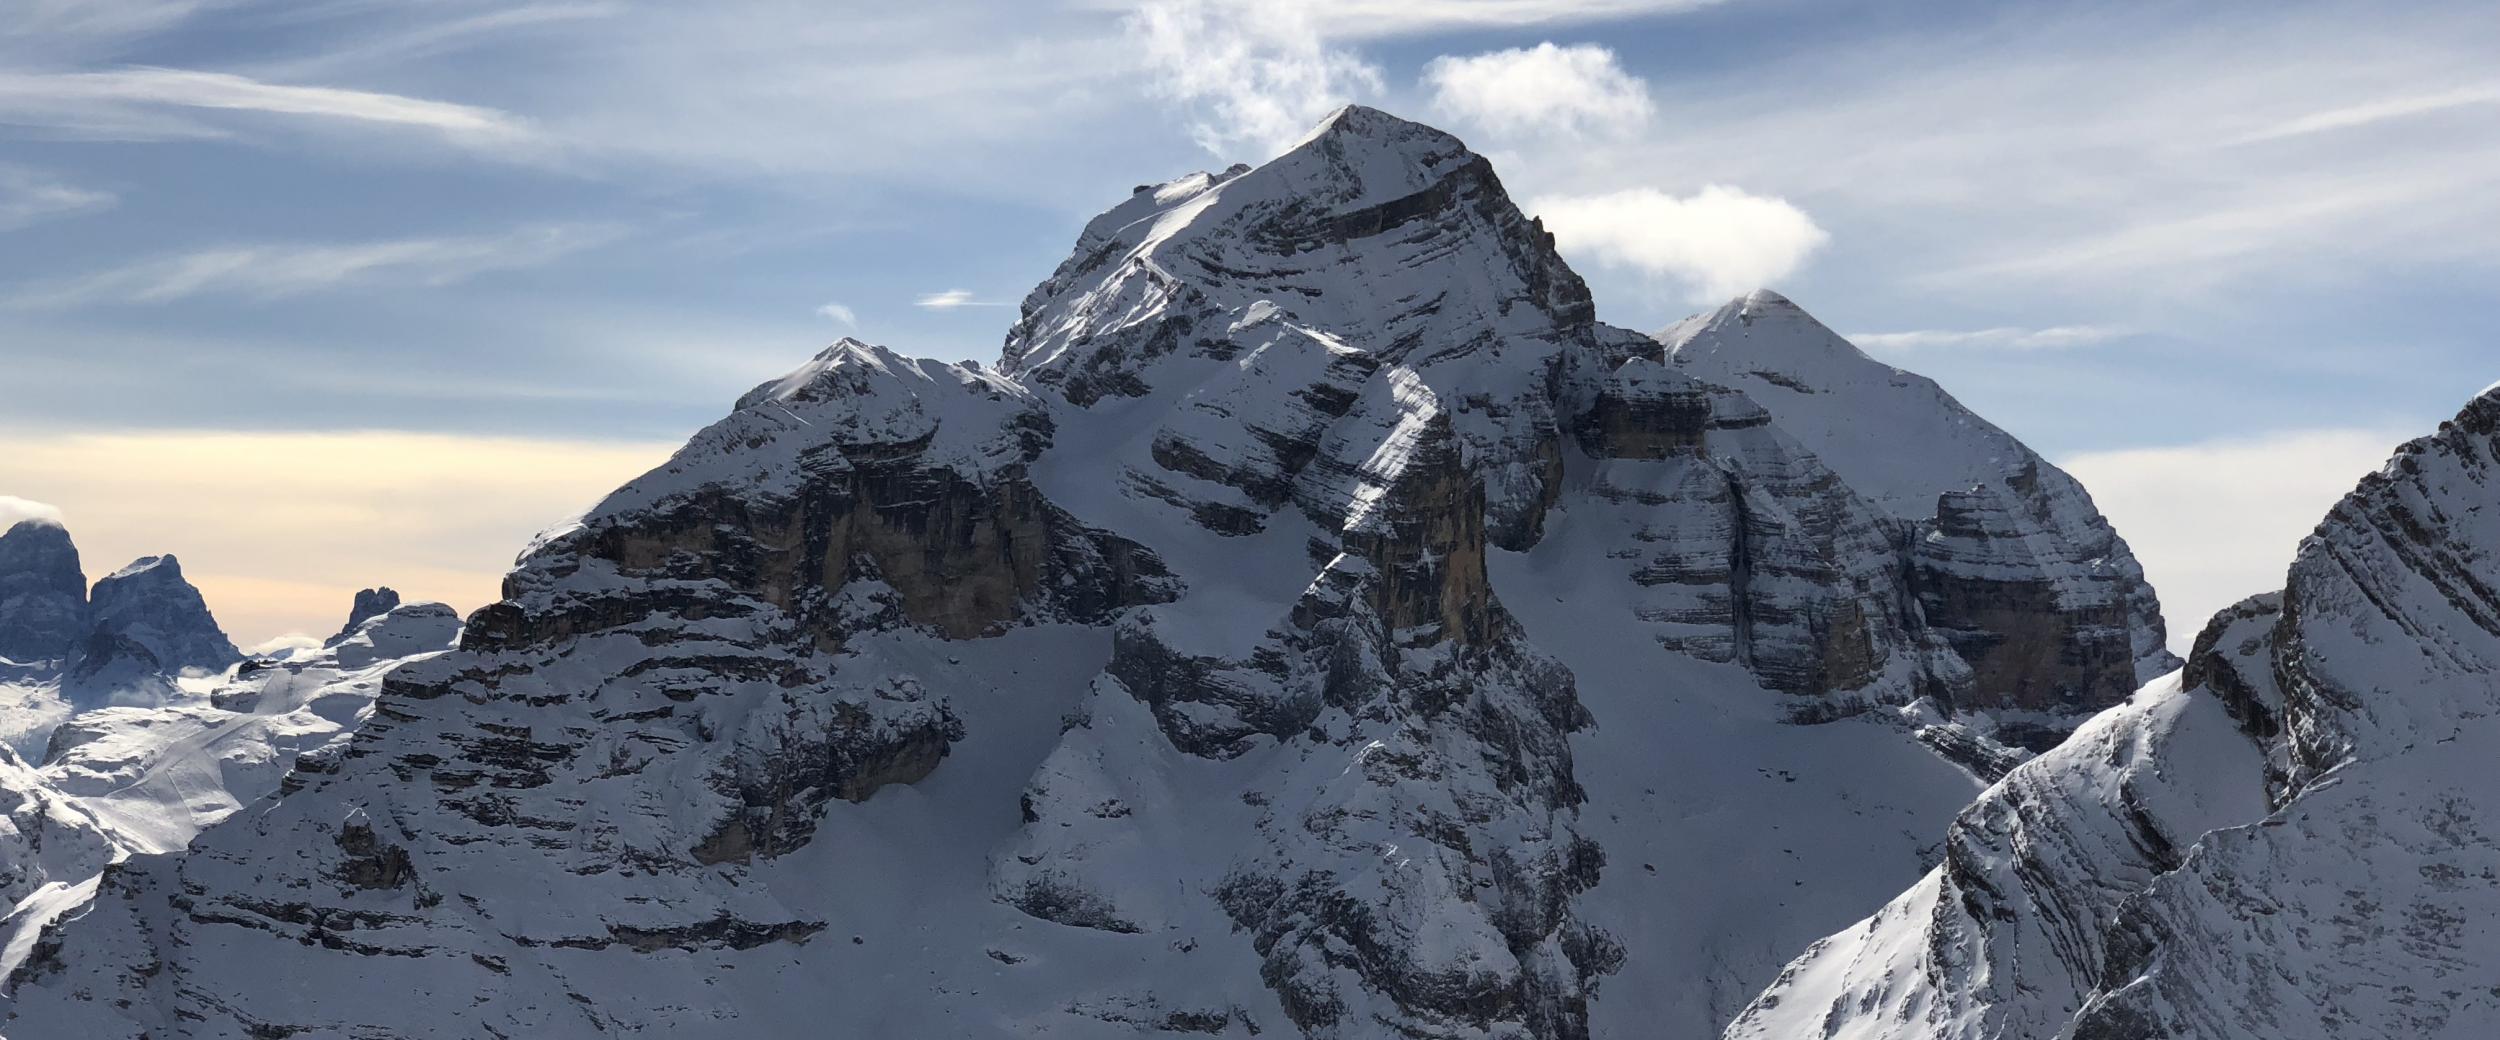 IFMGA, Verband der Südtiroler Berg- und Skiführer, Le Tofane, Dolomiten, Photo by Kurt Walde